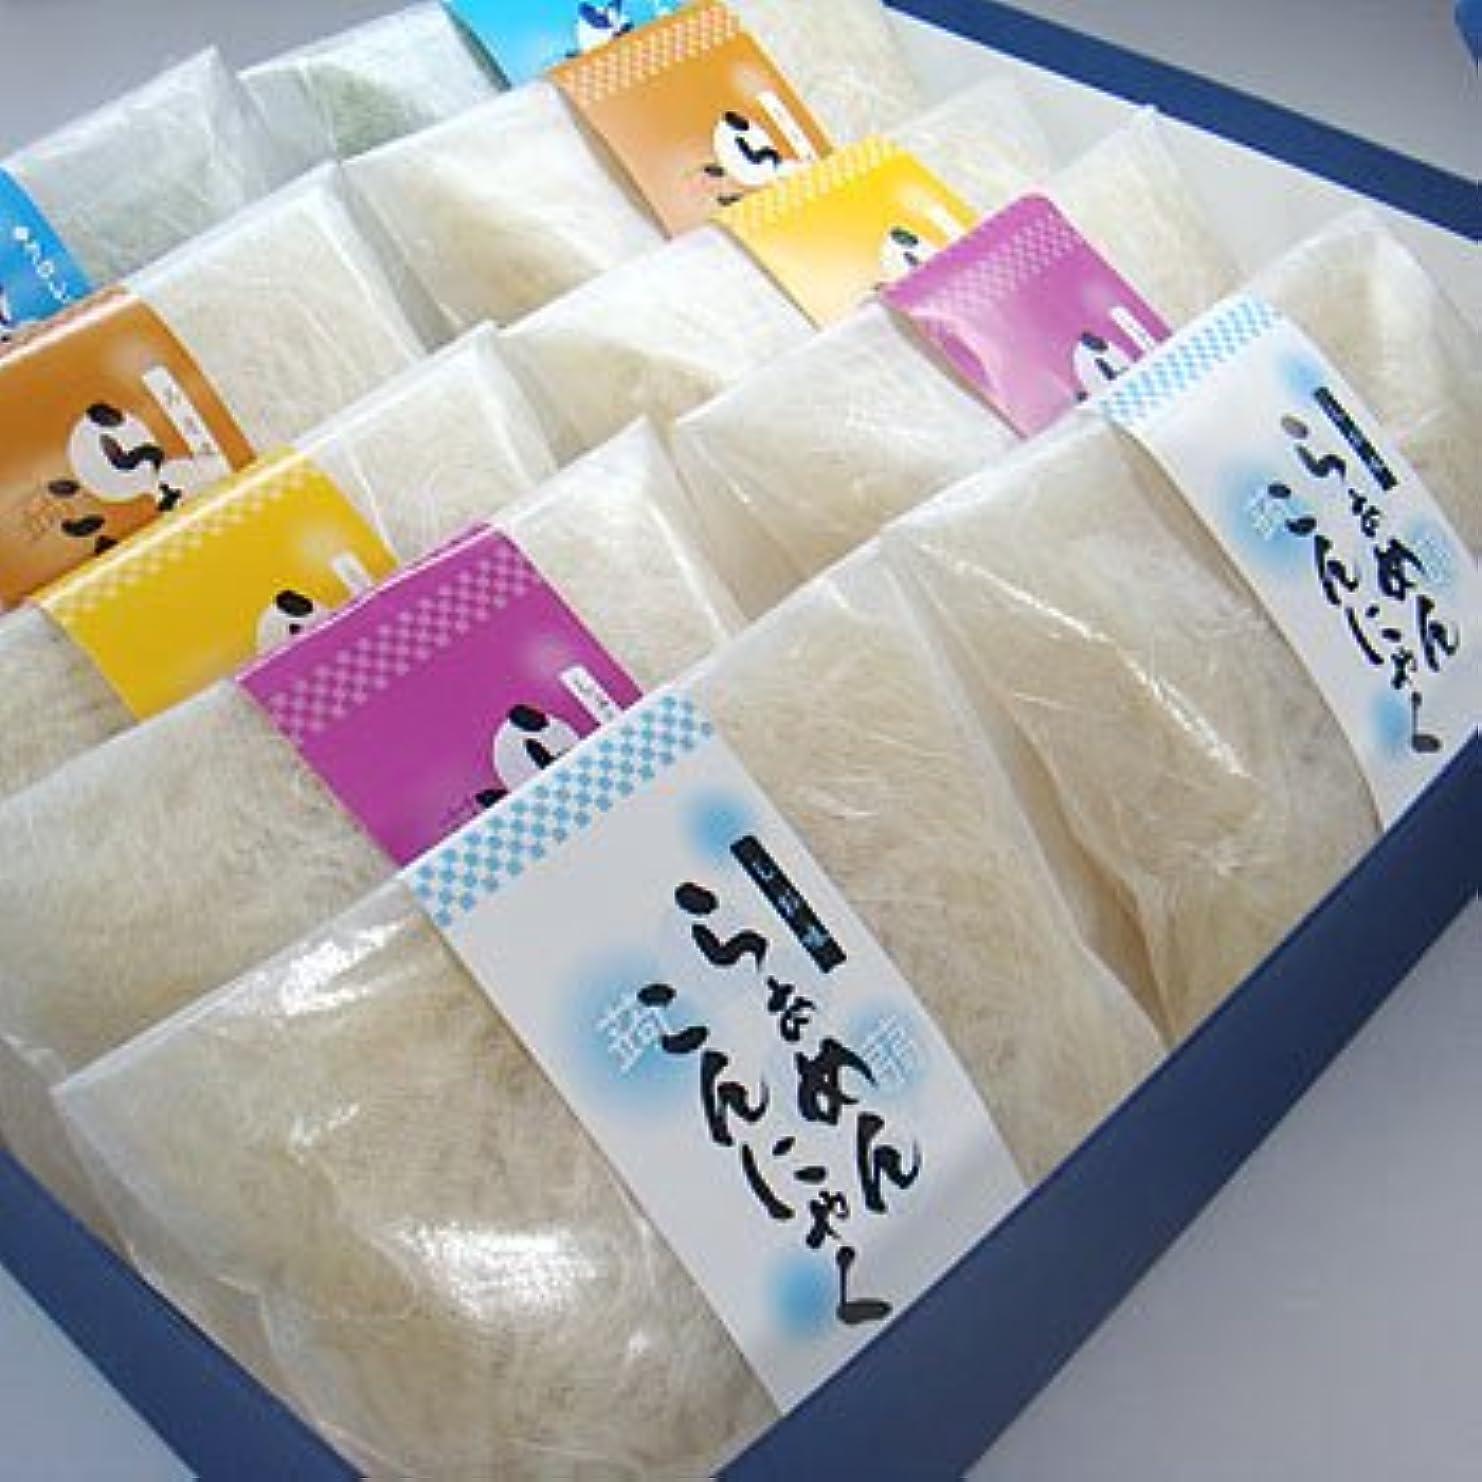 ナプキンみすぼらしい古いギフト箱入こんにゃくラーメン10食セット【お中元】【ギフト】【ダイエット】【蒟蒻麺】